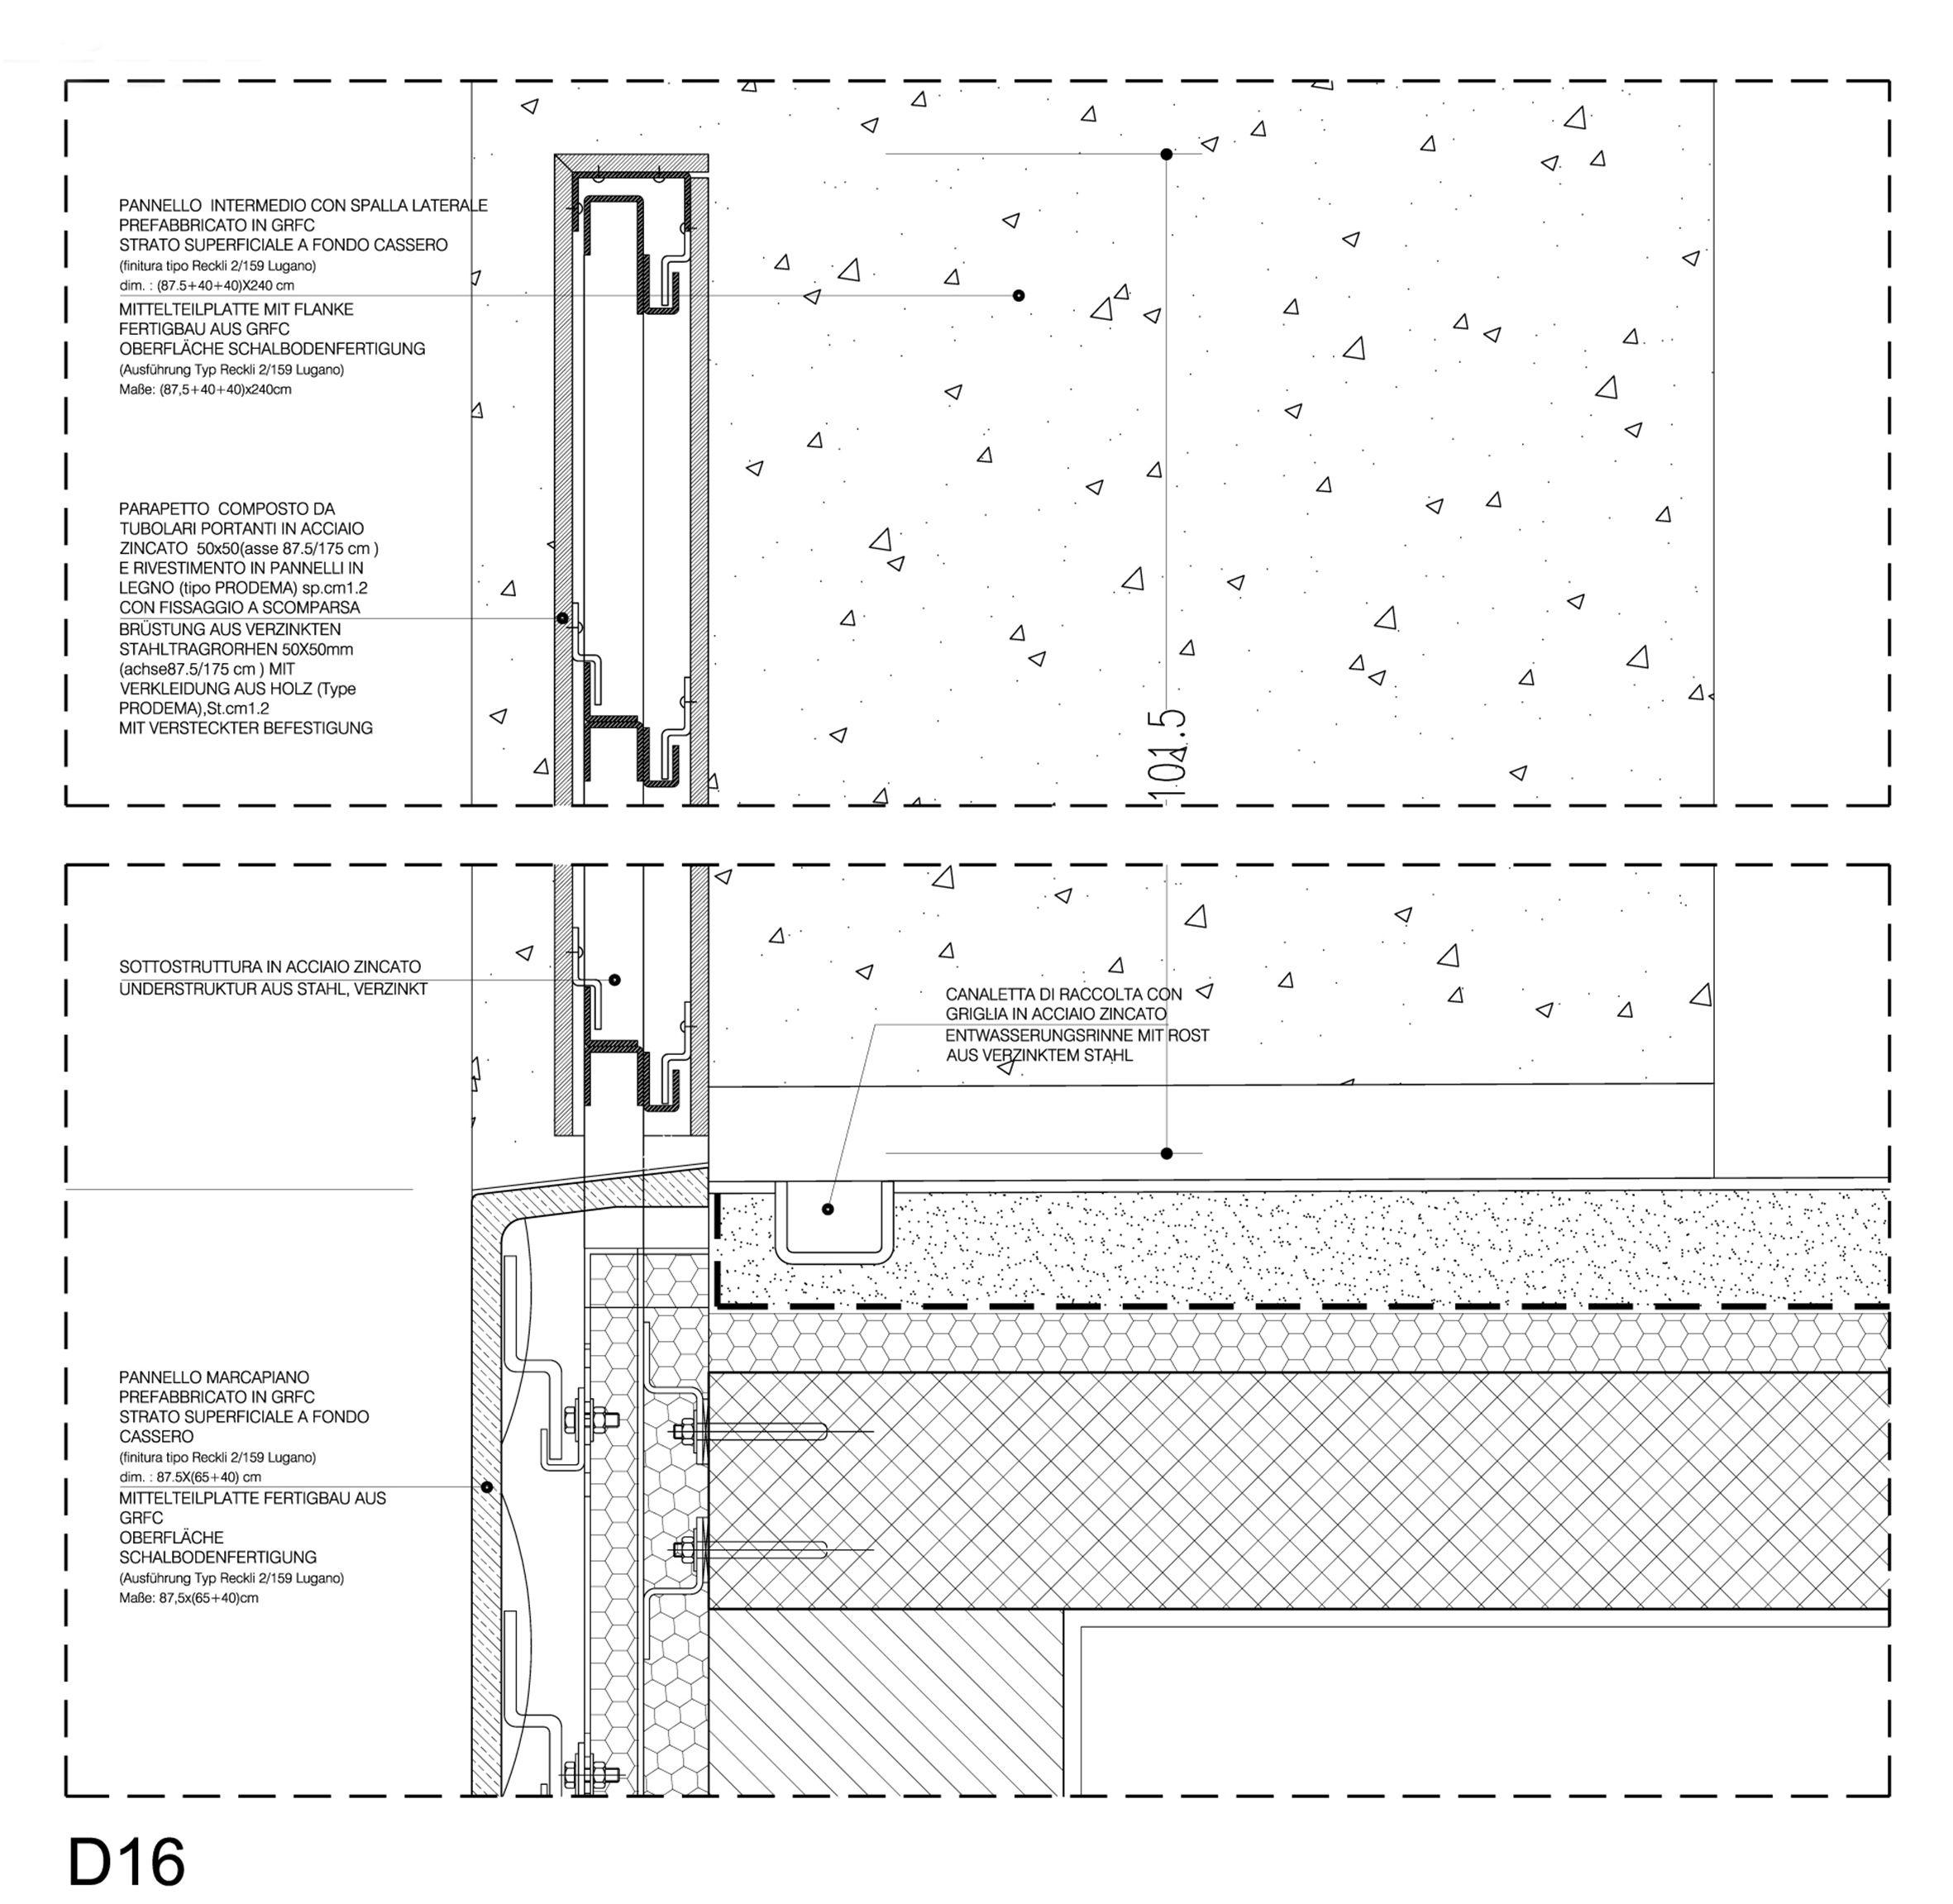 Social Housing CasaNova CDM ARCHITETTI ASSOCIATI, EDOARDO CAPPUCCIO, GIUSEPPE DONATO, TOMASO MACCHI CASSIA